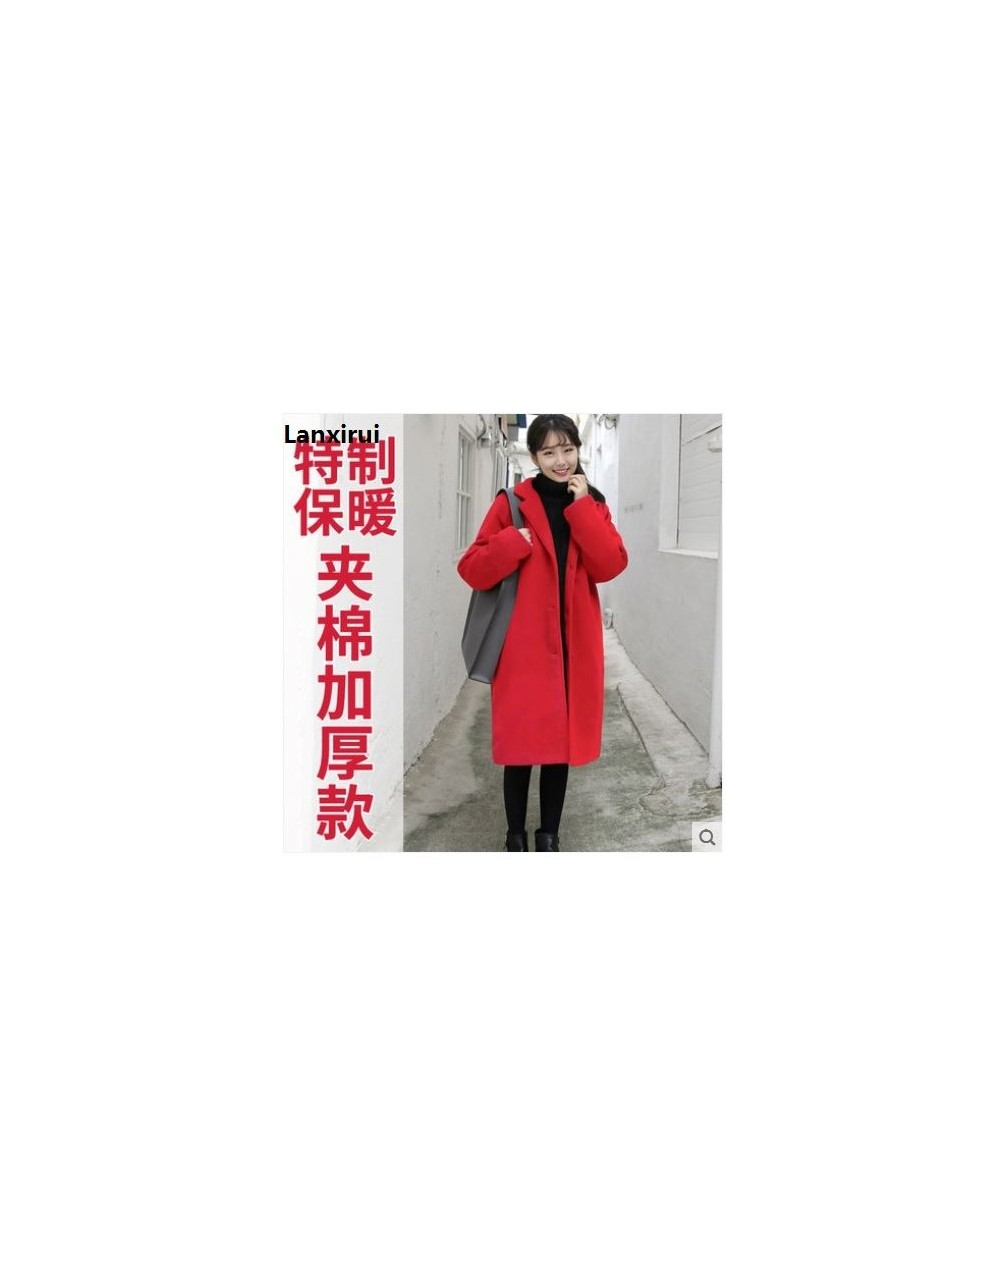 Winter Women Casual Coat Fashion Female Pockets Jackets Large Size Long Woolen Womens Outerwear Females Overcoat Korean Styl...